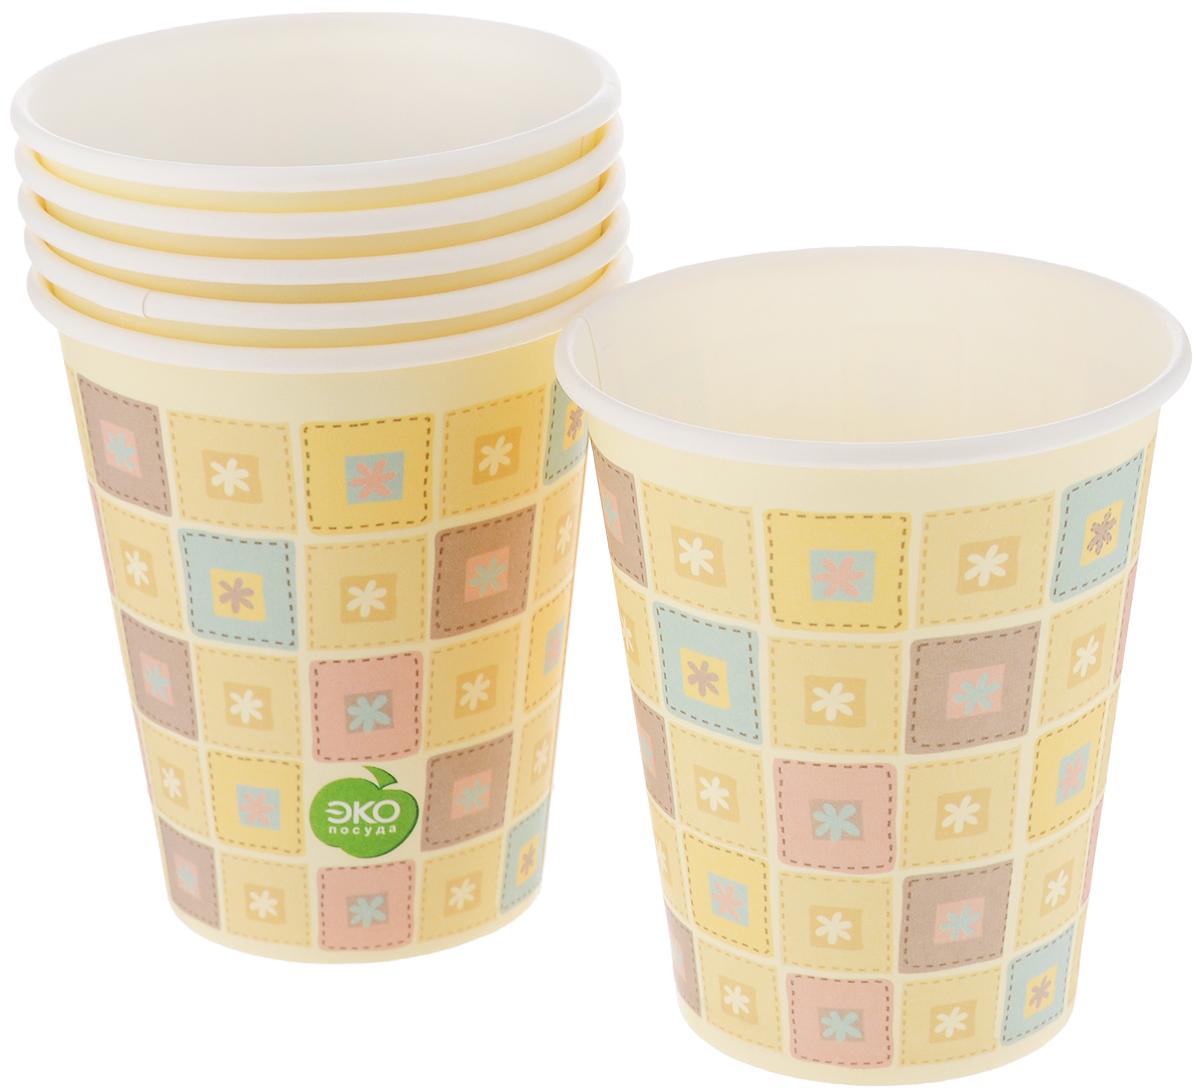 Набор бумажных стаканов Paterra Нарядные, 330 мл, 6 штVT-1520(SR)Набор Paterra Нарядные состоит из 6 стаканов, предназначенных для одноразового использования. Изделия украшены узором. Такие стаканы подойдут как для холодных, так и для горячих напитков. Имеют водоотталкивающие свойства.Одноразовые стаканы будут незаменимы при поездках на природу, пикниках и других мероприятиях. Они легкие и не займут много места, а самое главное - после использования их не надо мыть. Диаметр стакана: 8 см. Высота стакана: 9,5 см.